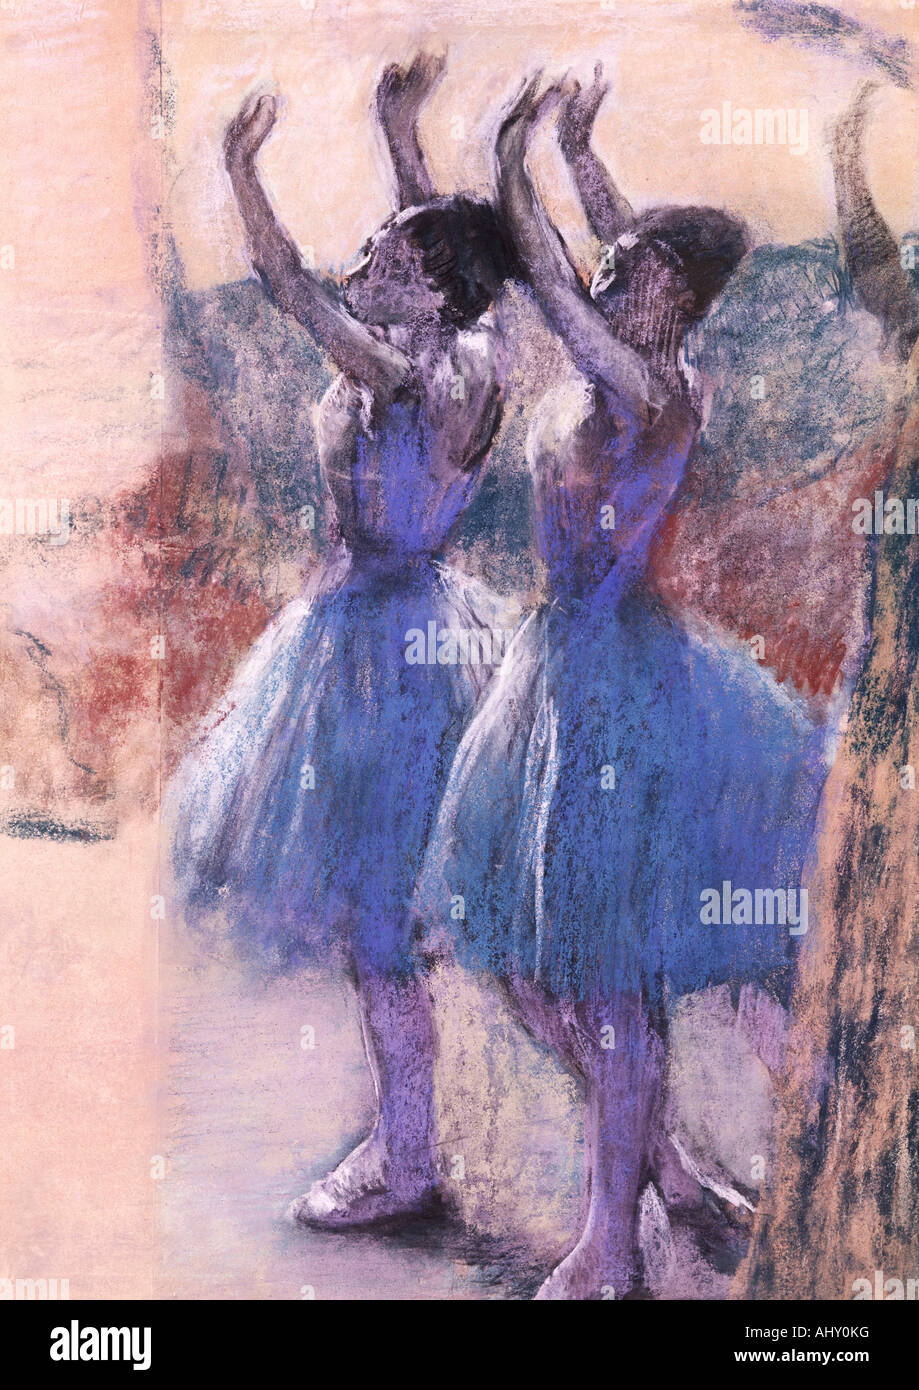 'Fine Arts, Degas, Edgar, (1834 - 1917), peinture, 'Deux danseuses', ('deux danseurs'), vers 1900, le papier, 79 cm x 51 cm, von Banque D'Images